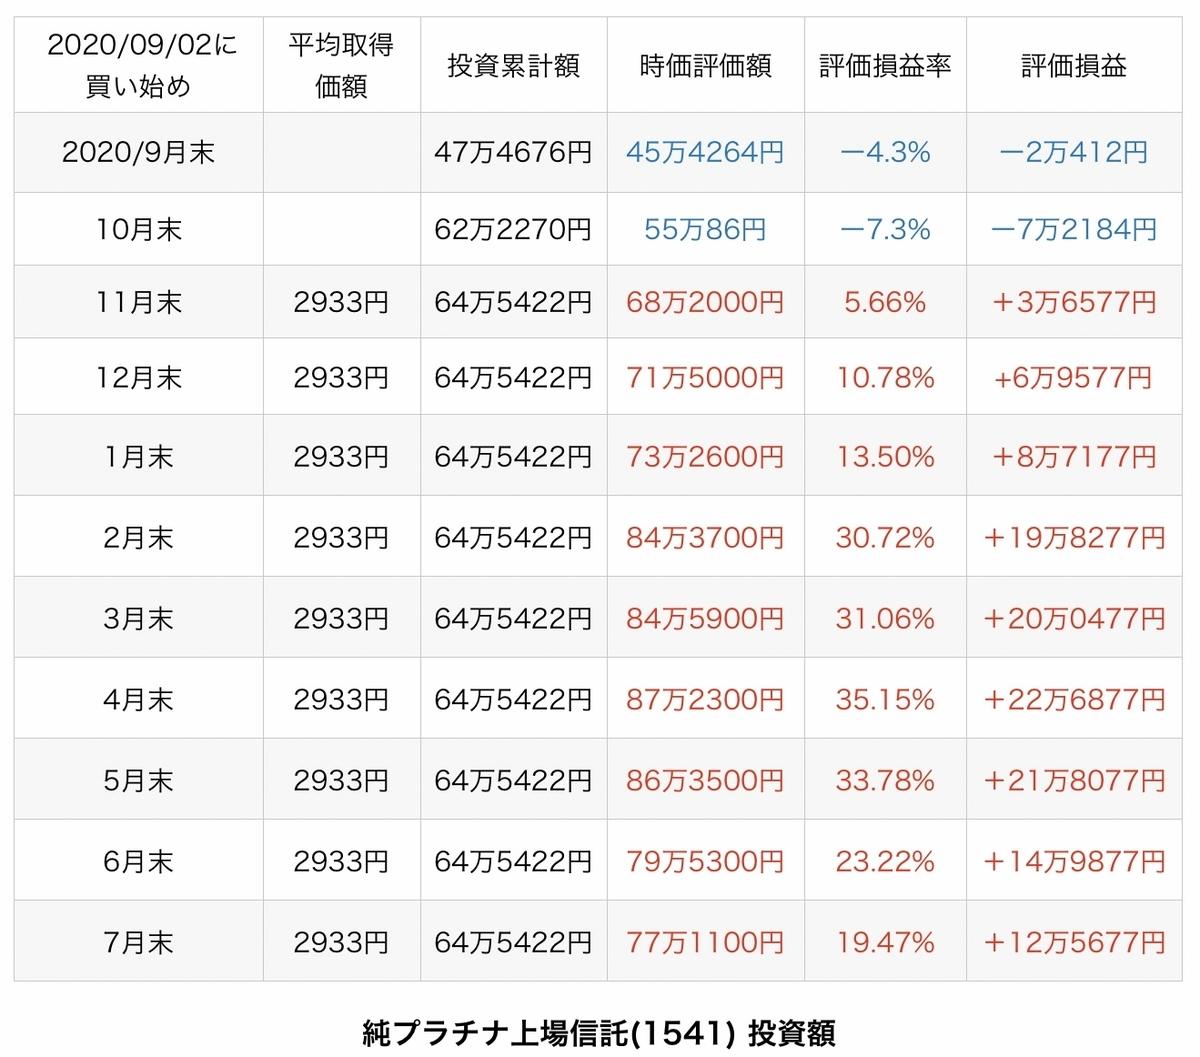 f:id:US-Stocks:20210805094140j:plain